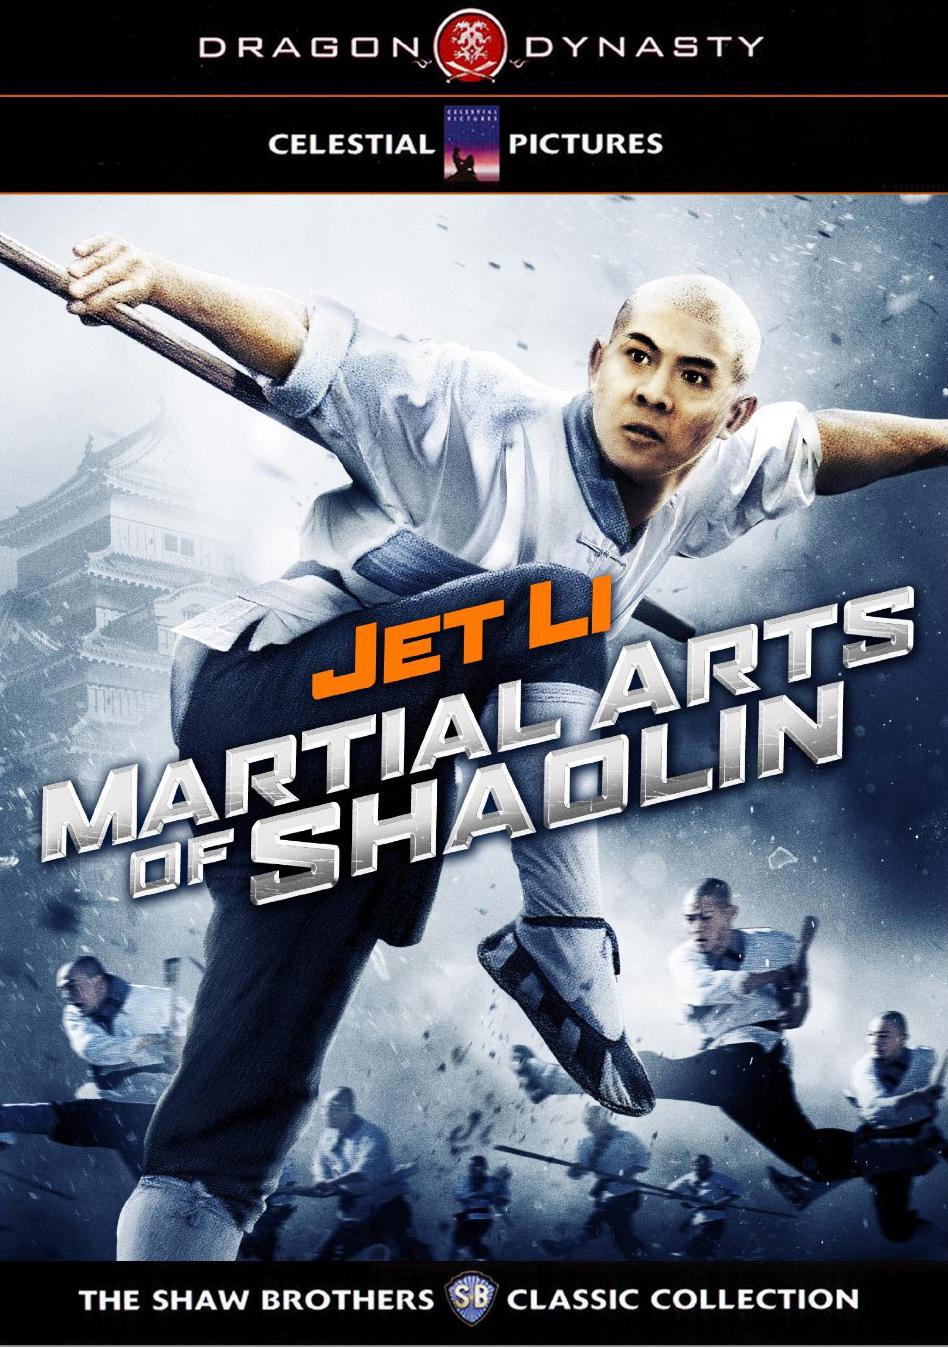 دانلود فیلم معبد شائولین Martial Arts of Shaolin دوبله فارسی با لینک مستقیم